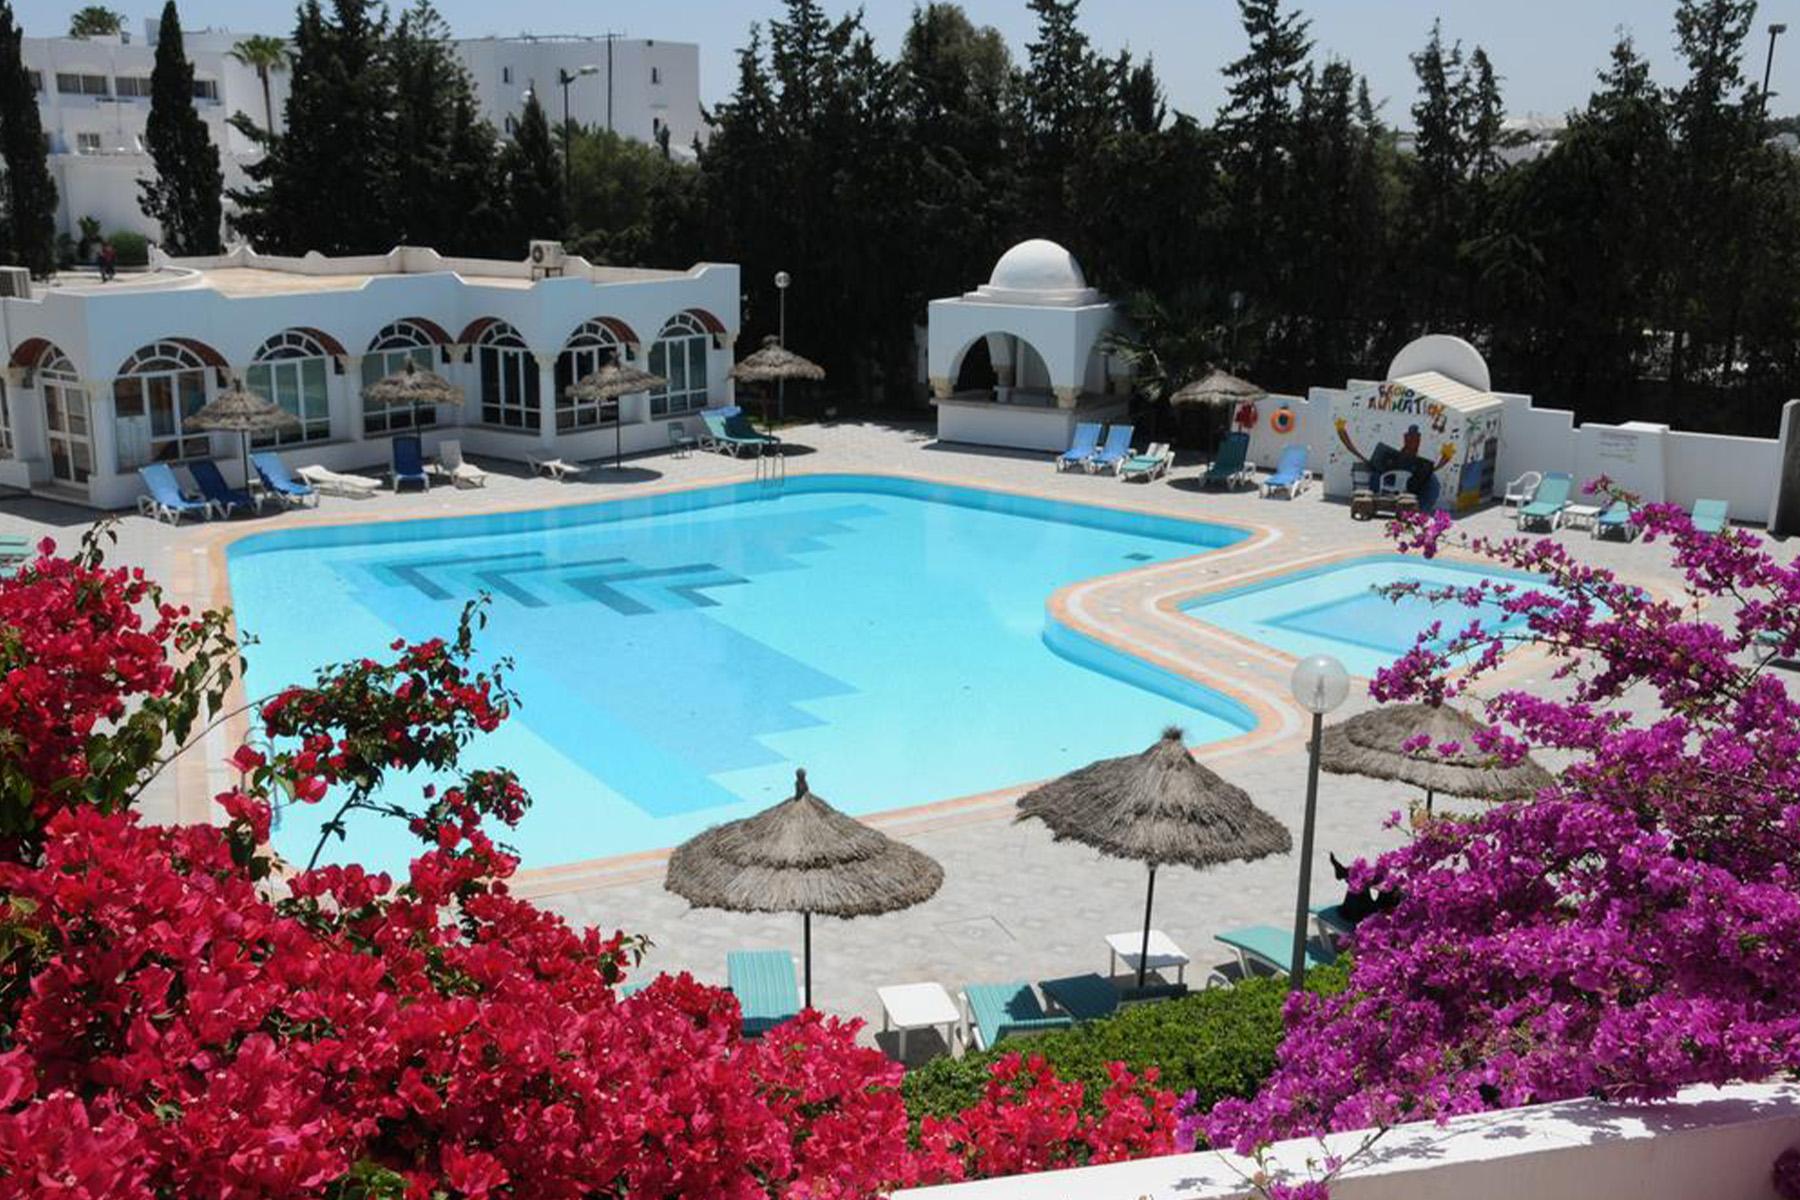 HOTEL MENARA 4* HAMMAMET 8 Dana 10/13 Dana Jun 21' - Sep 15'